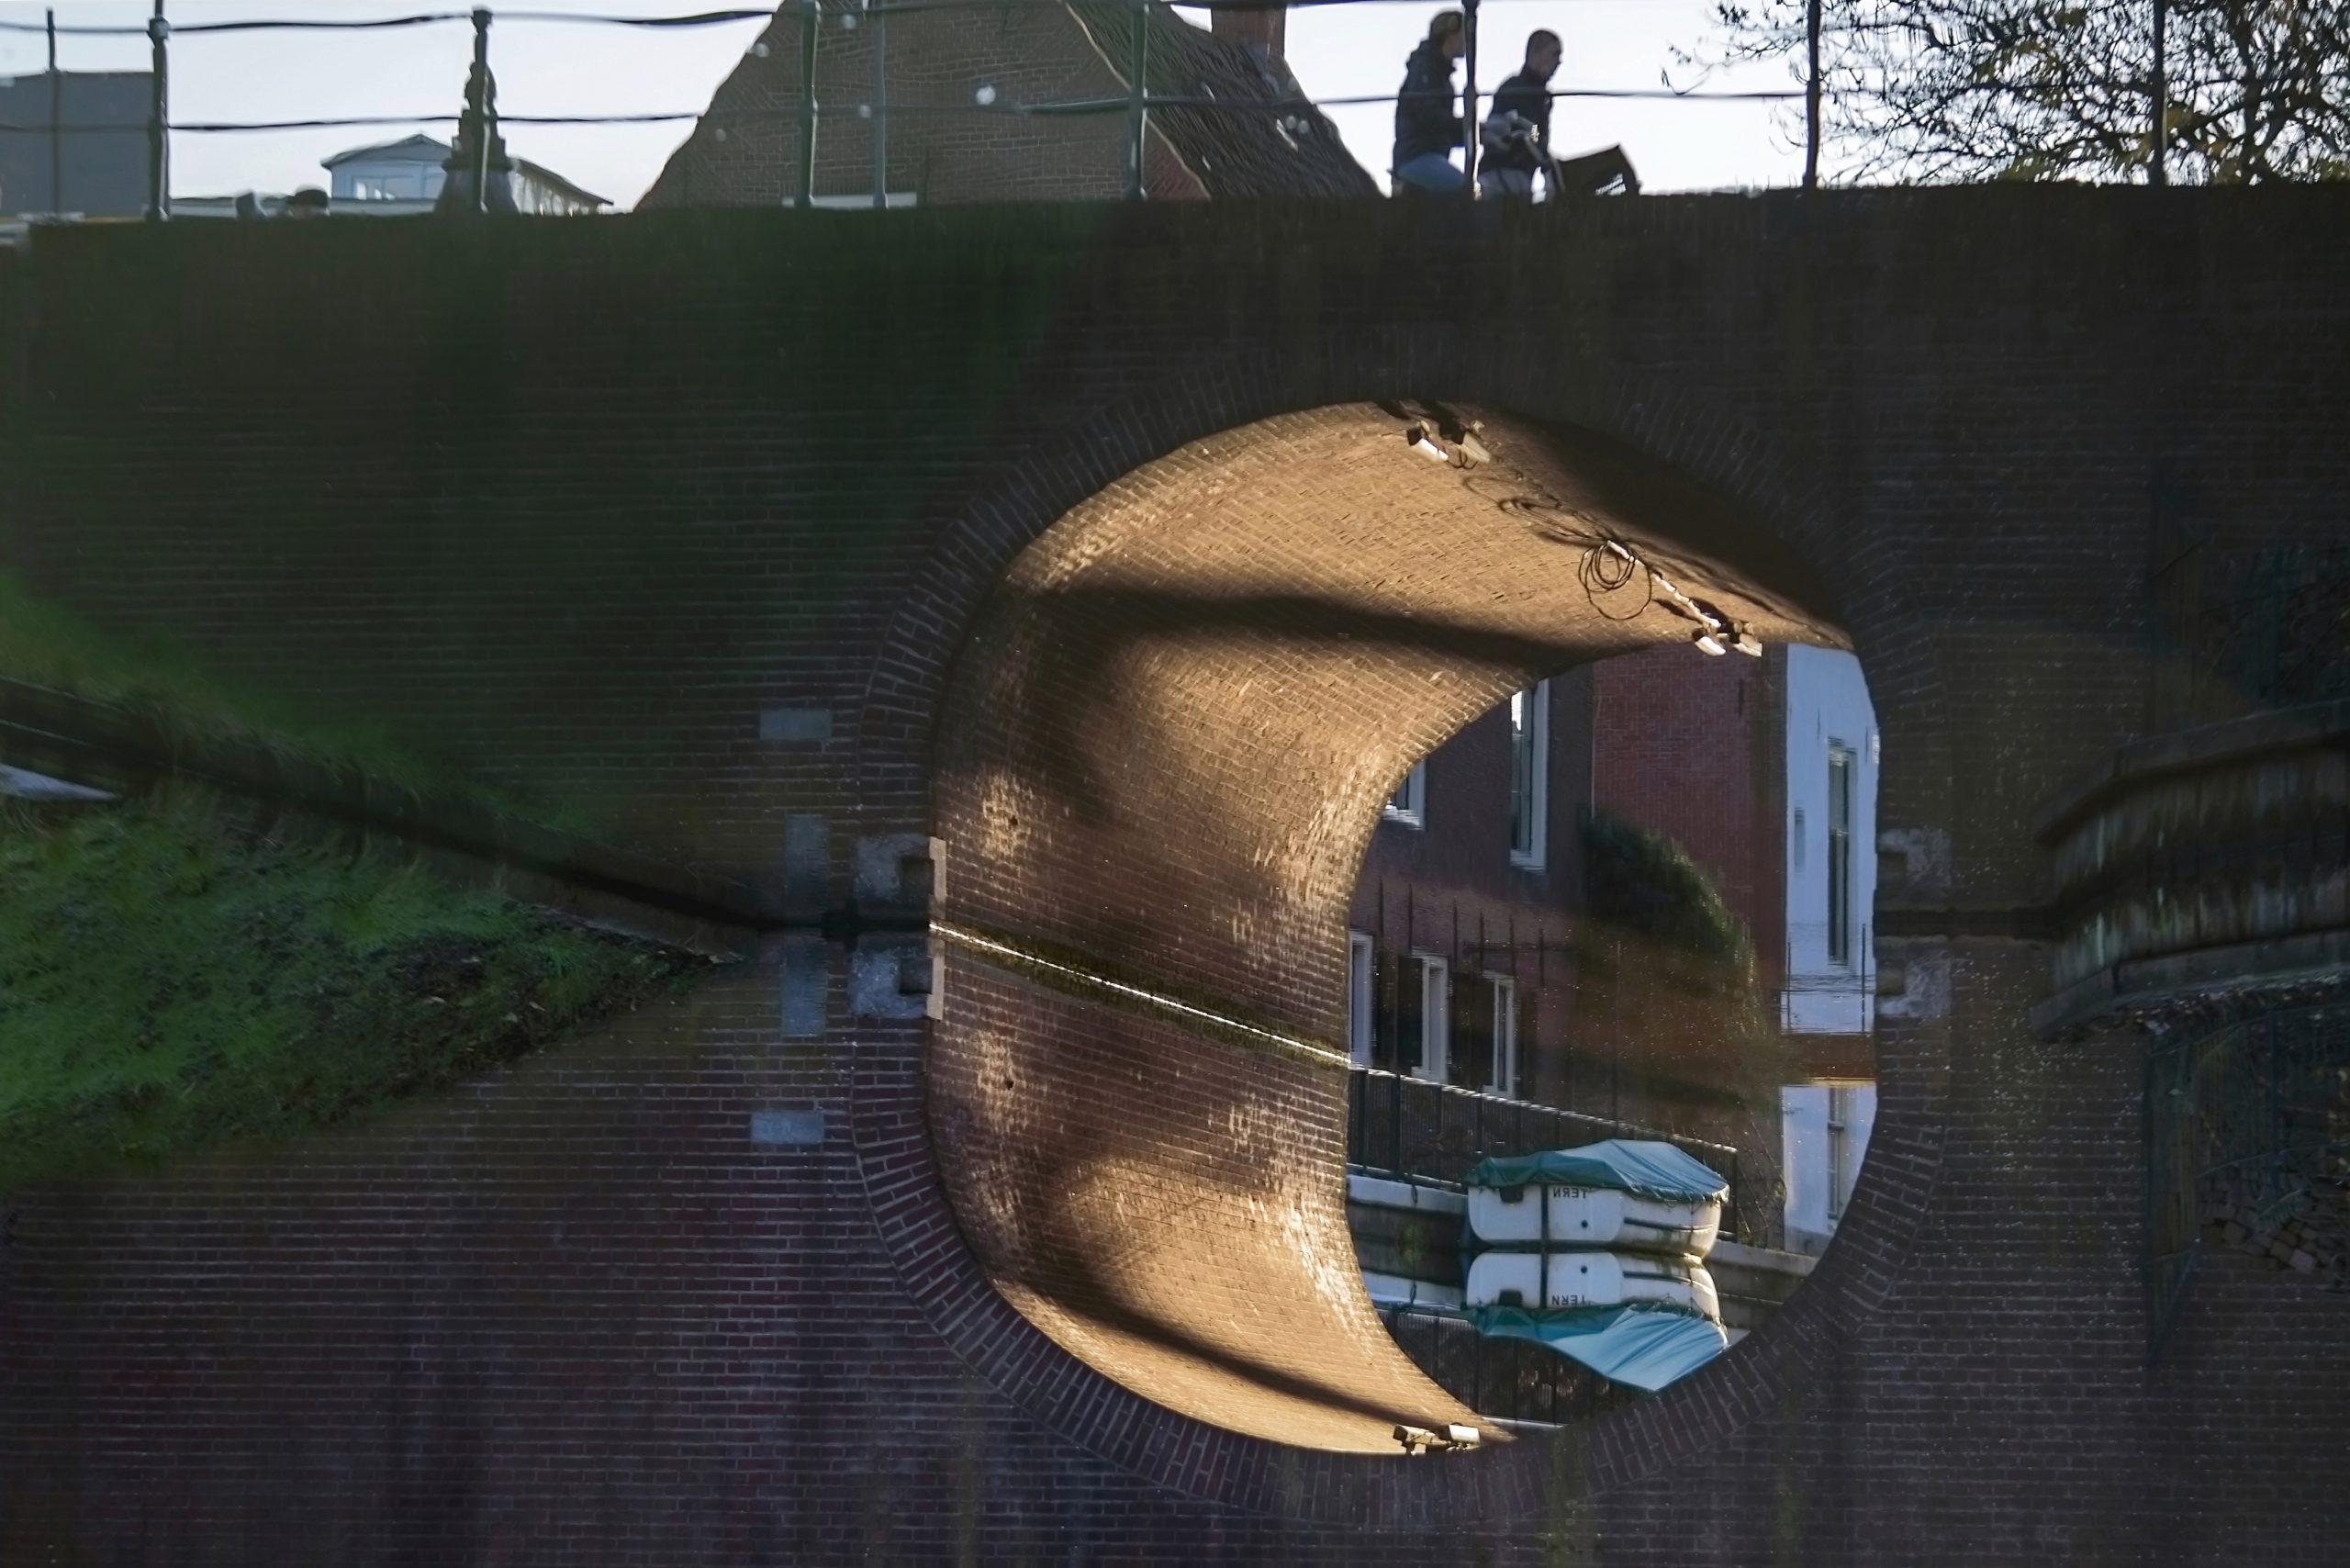 Nummer 2 Fotowedstrijd IJsselstein 2019 - Cees Snel - Doorkijkje